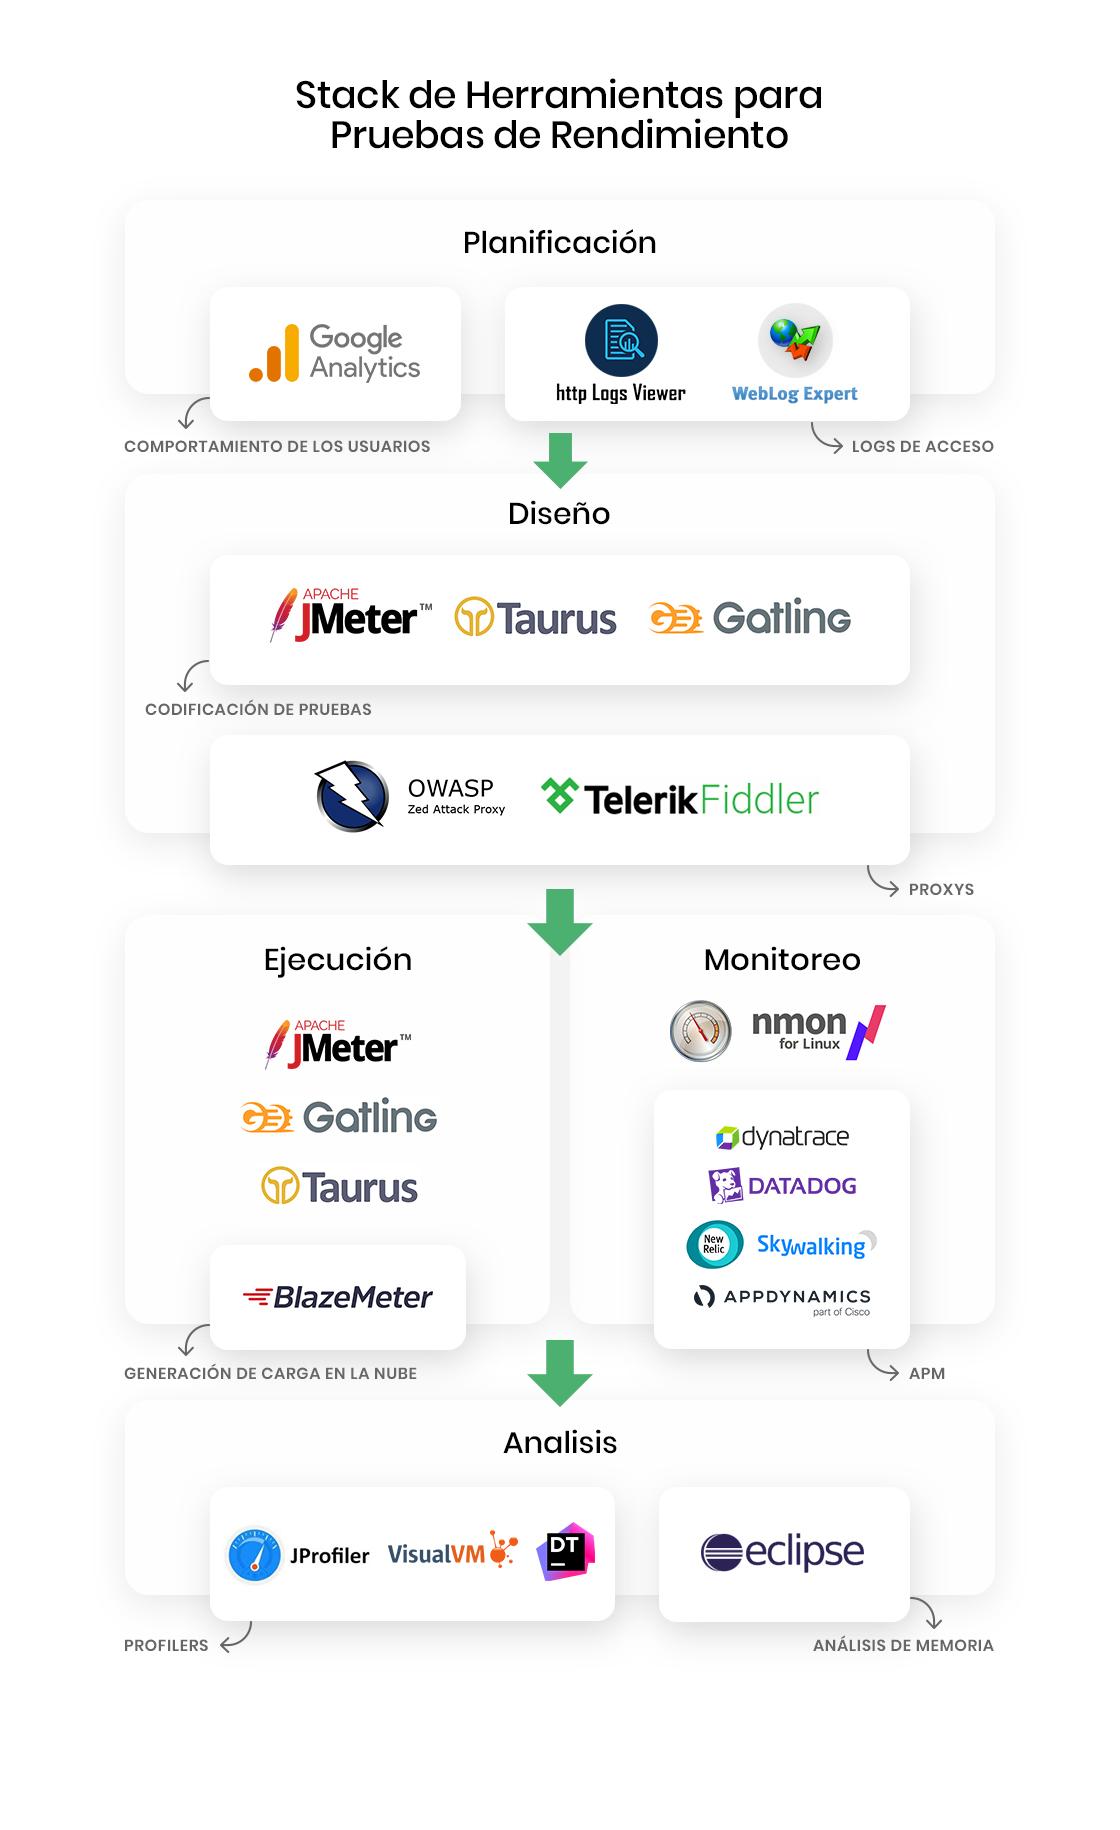 Diagrama stack de herramientas para pruebas de rendimiento